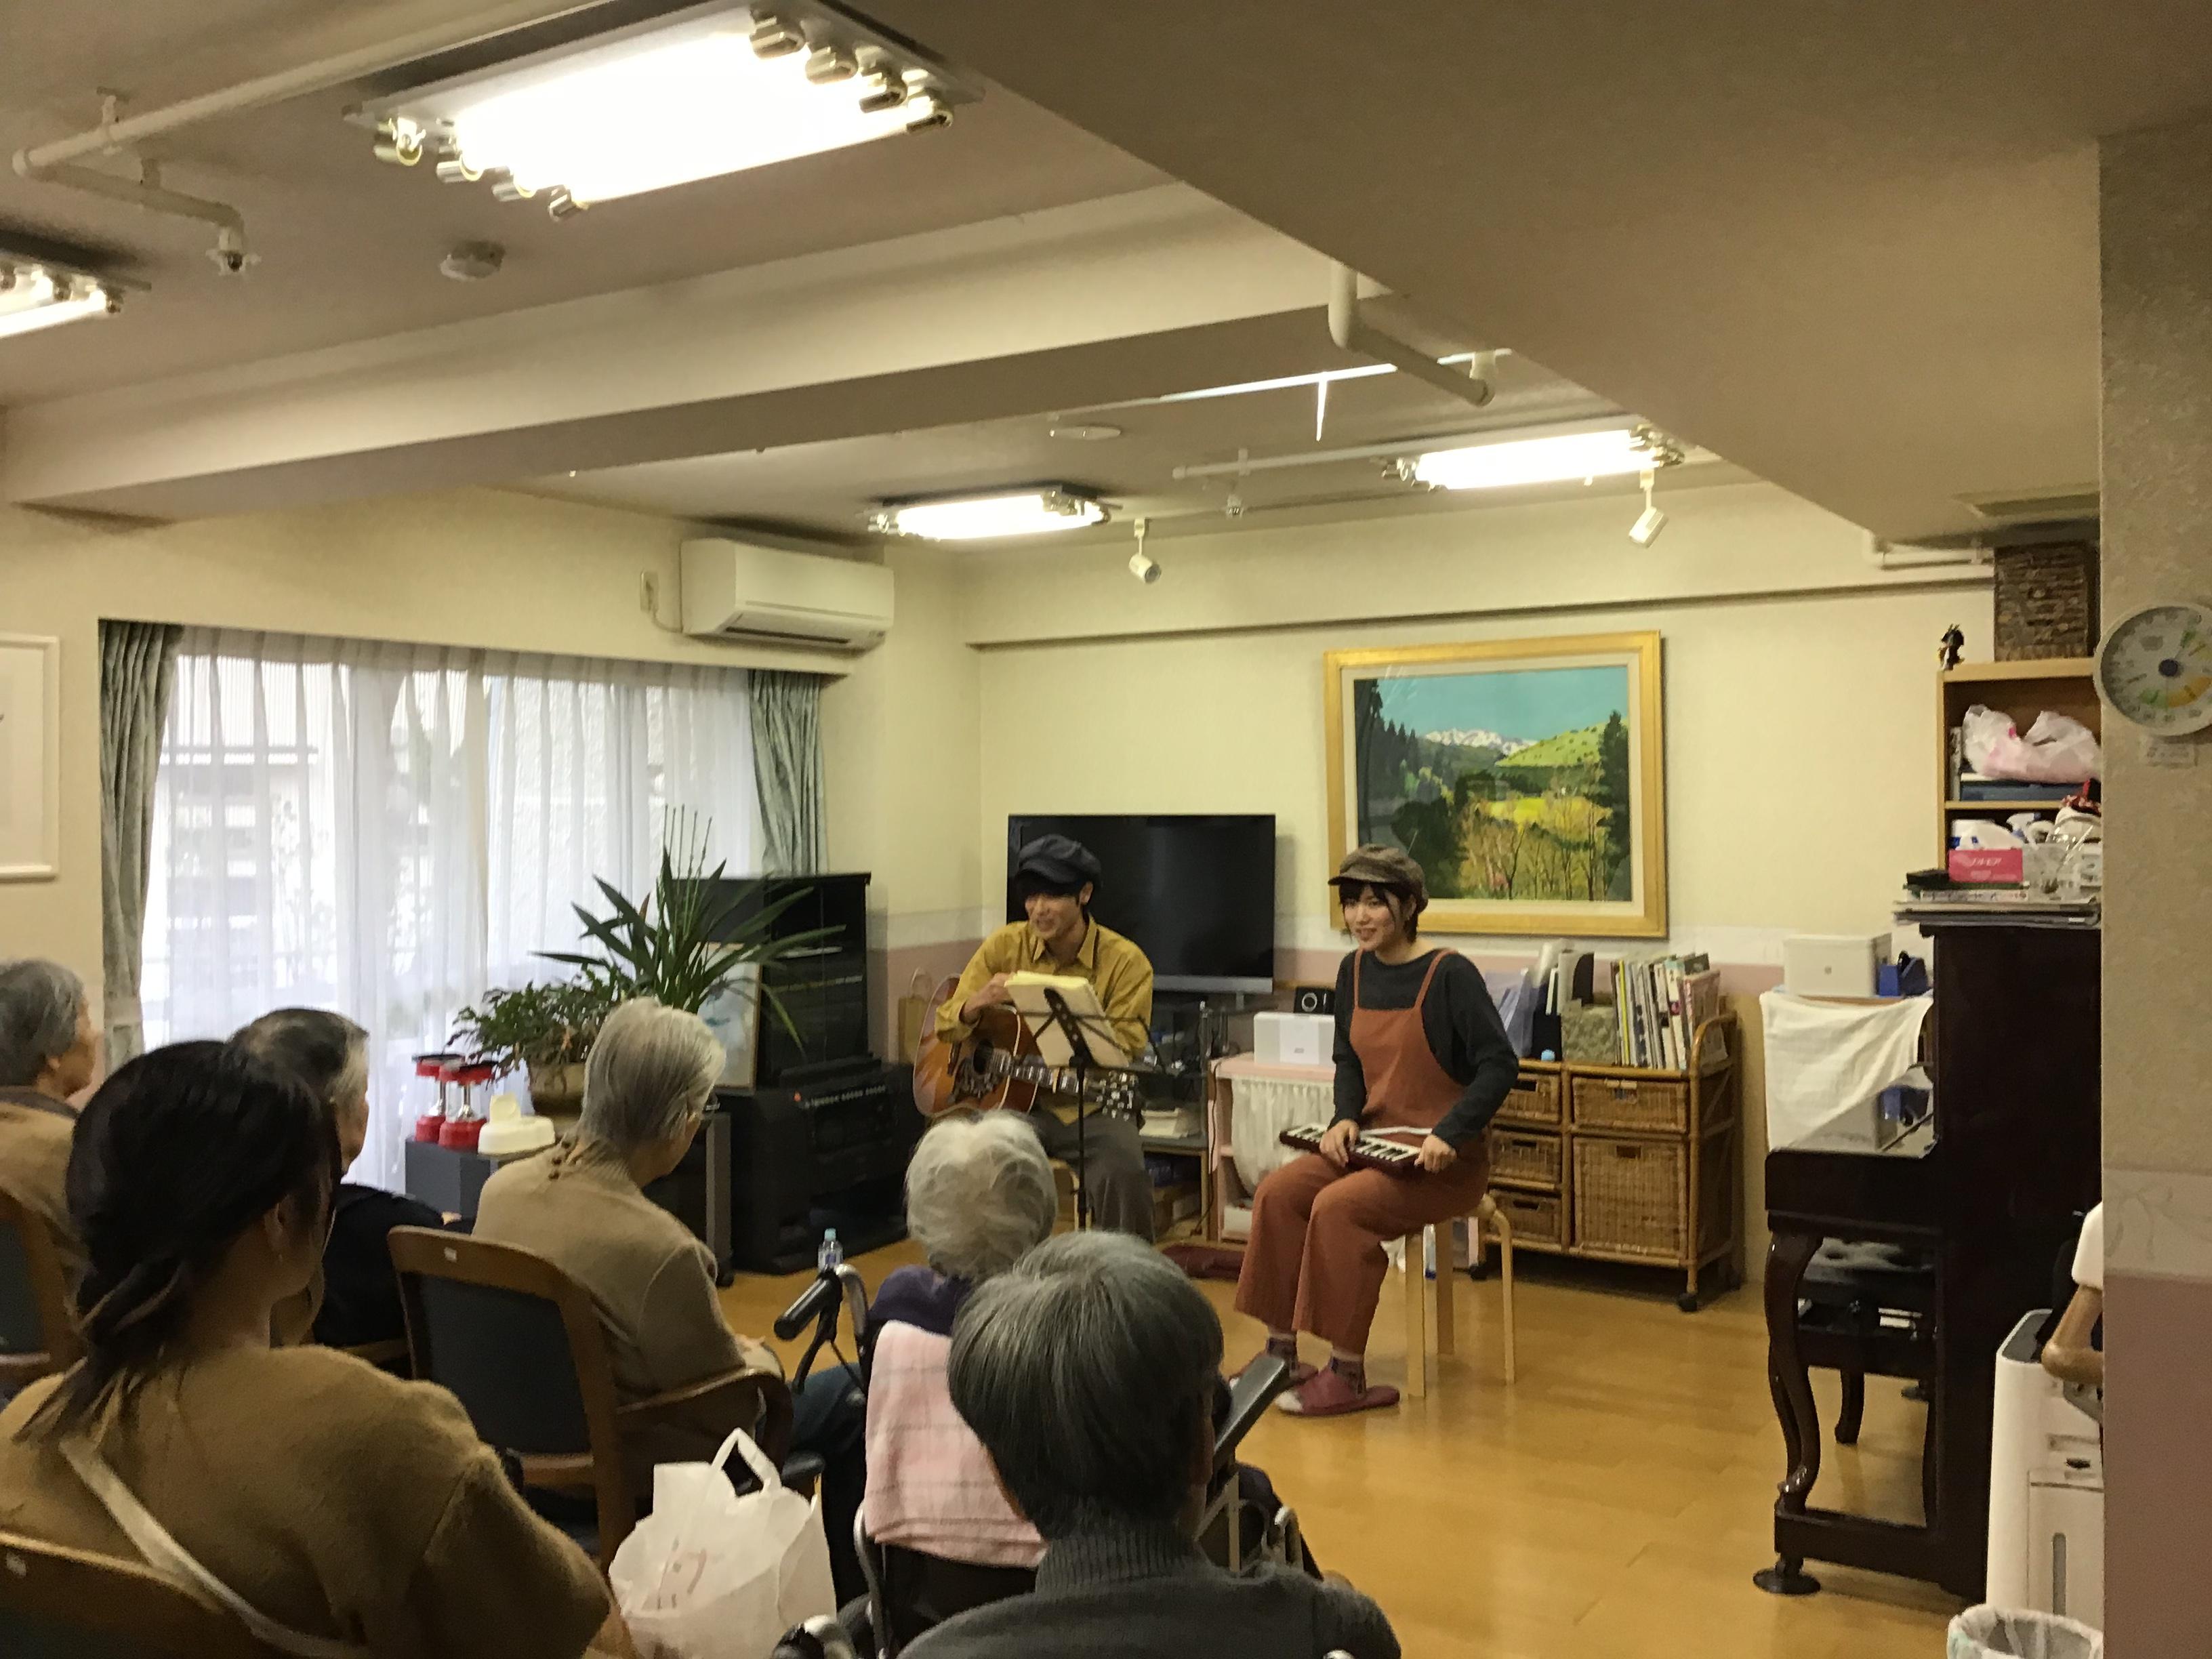 施設の高齢者の前で演奏をする「あずけん」の2人。武内君の手にはアコースティックギター、森田さんの手にはピアニカ。マイクを使わずに弾き語りライブを行いました。